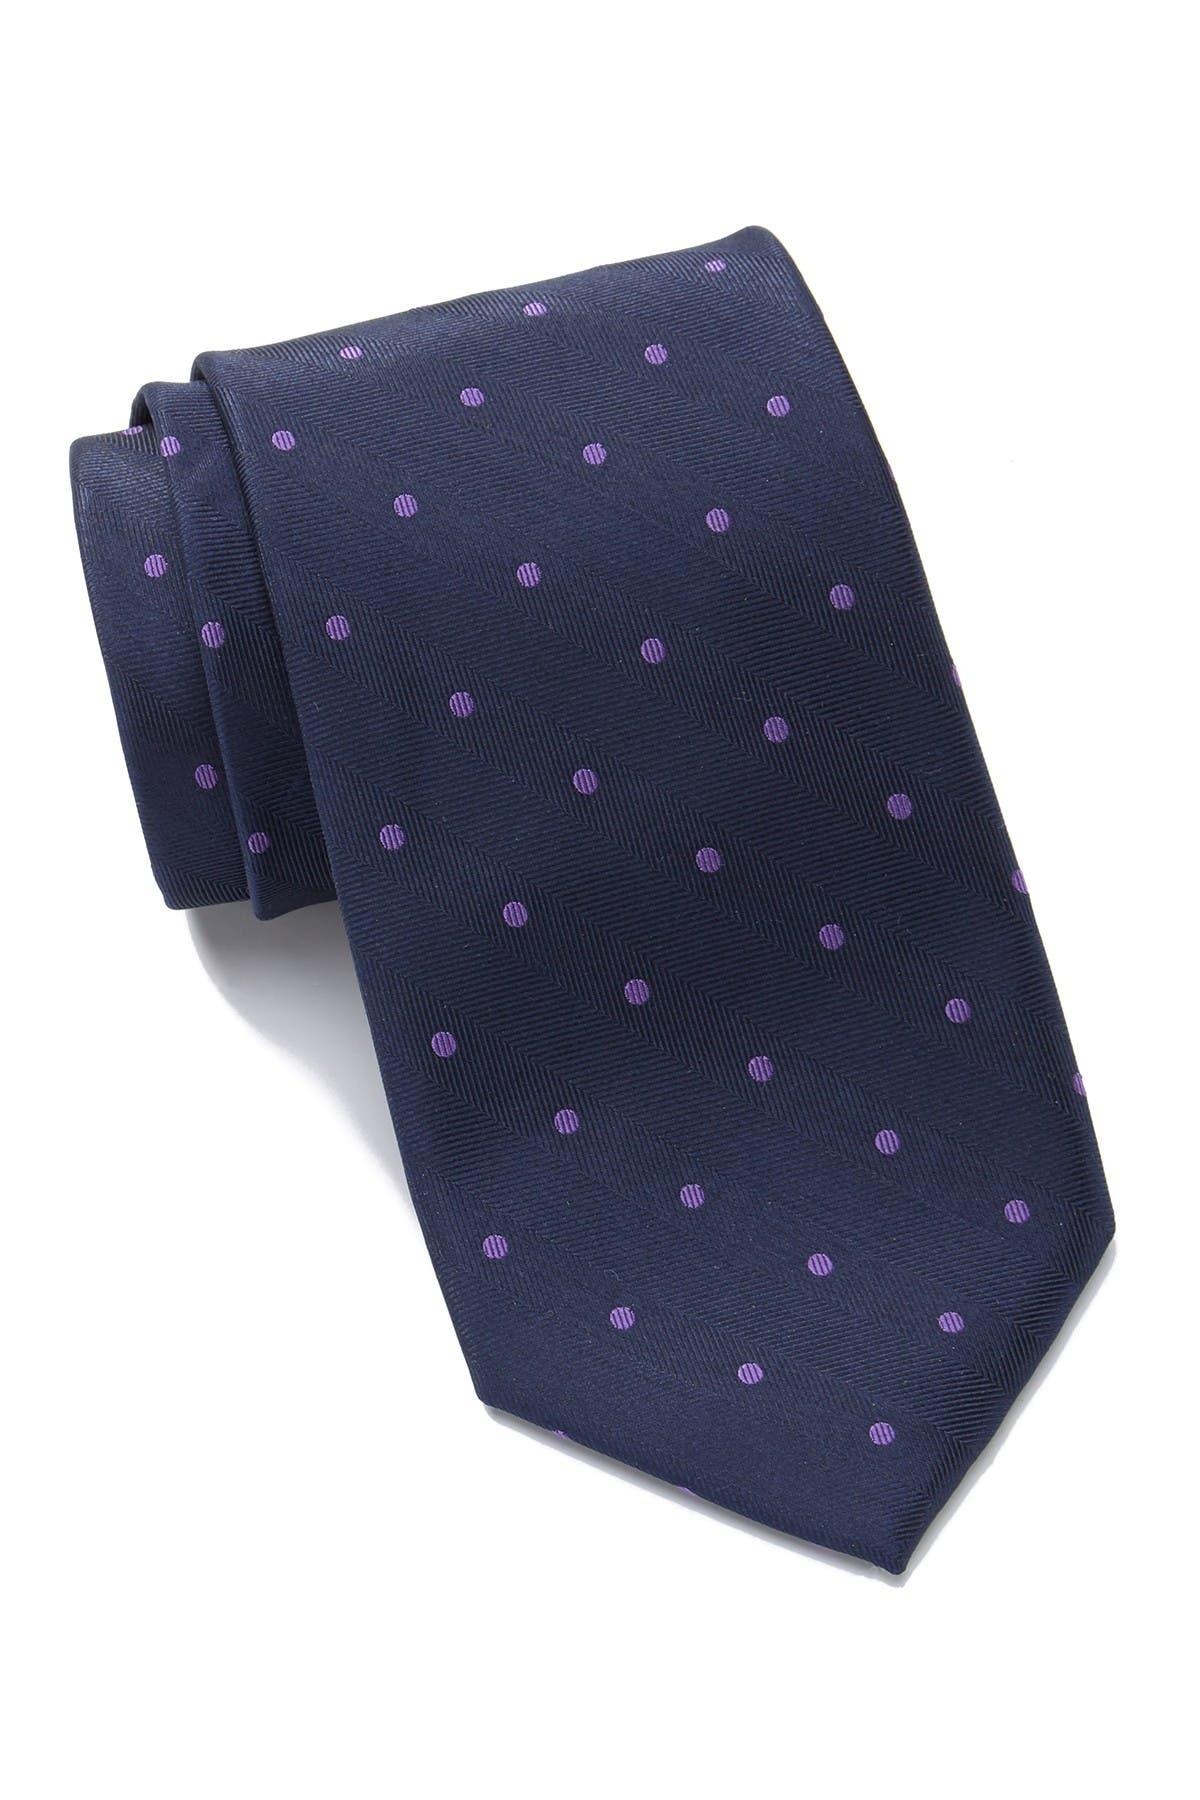 Image of Tommy Hilfiger Herringbone Dot Tie